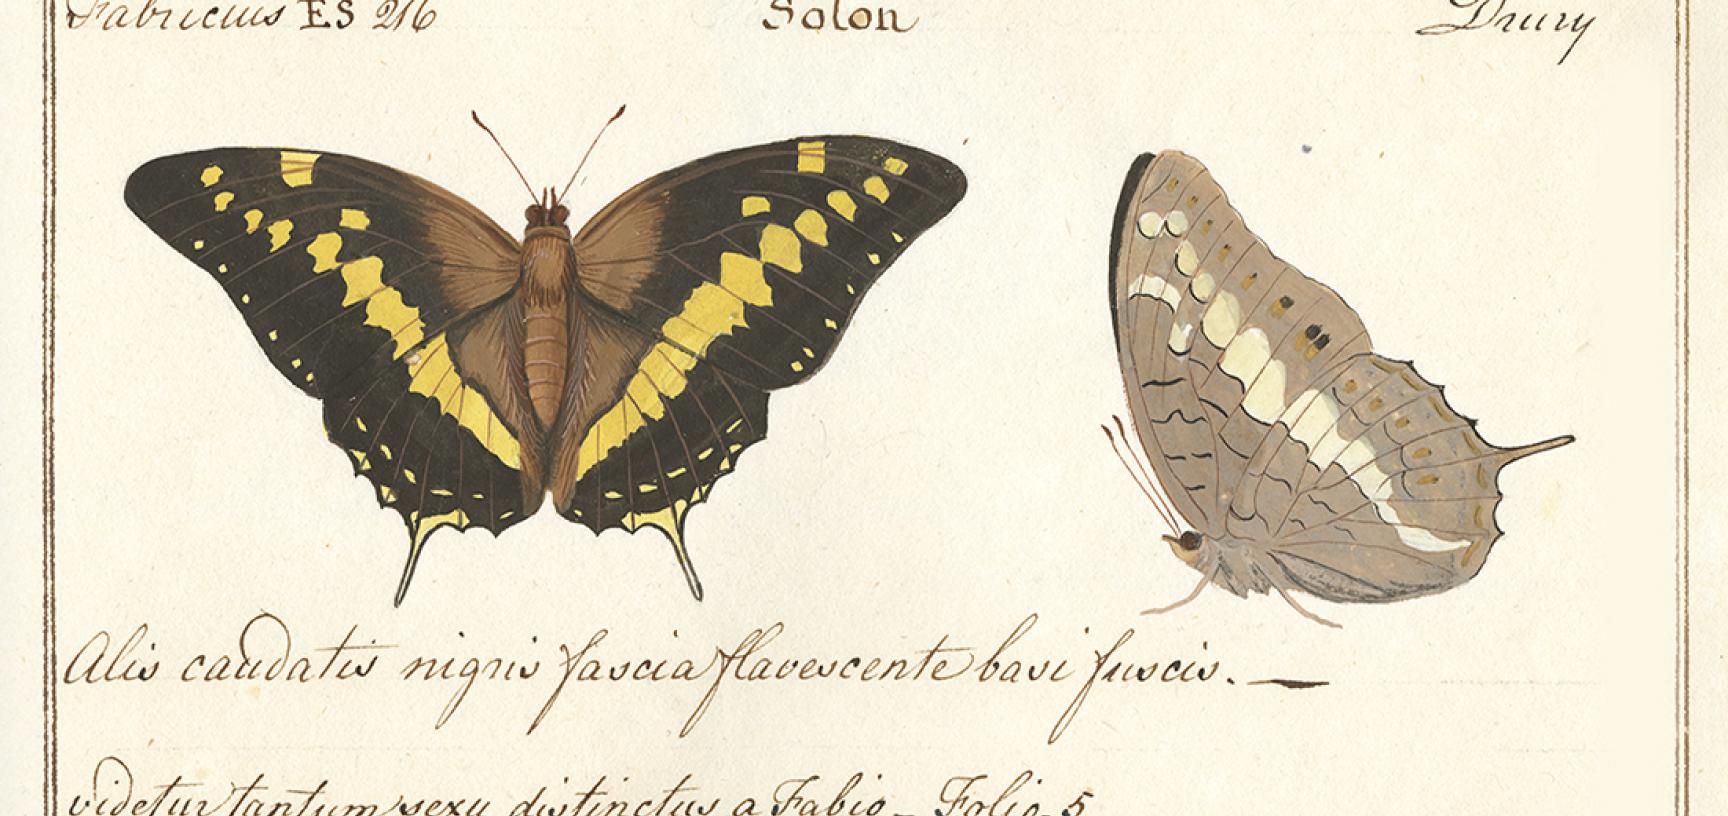 Papilio solon, Fabricius, 1793